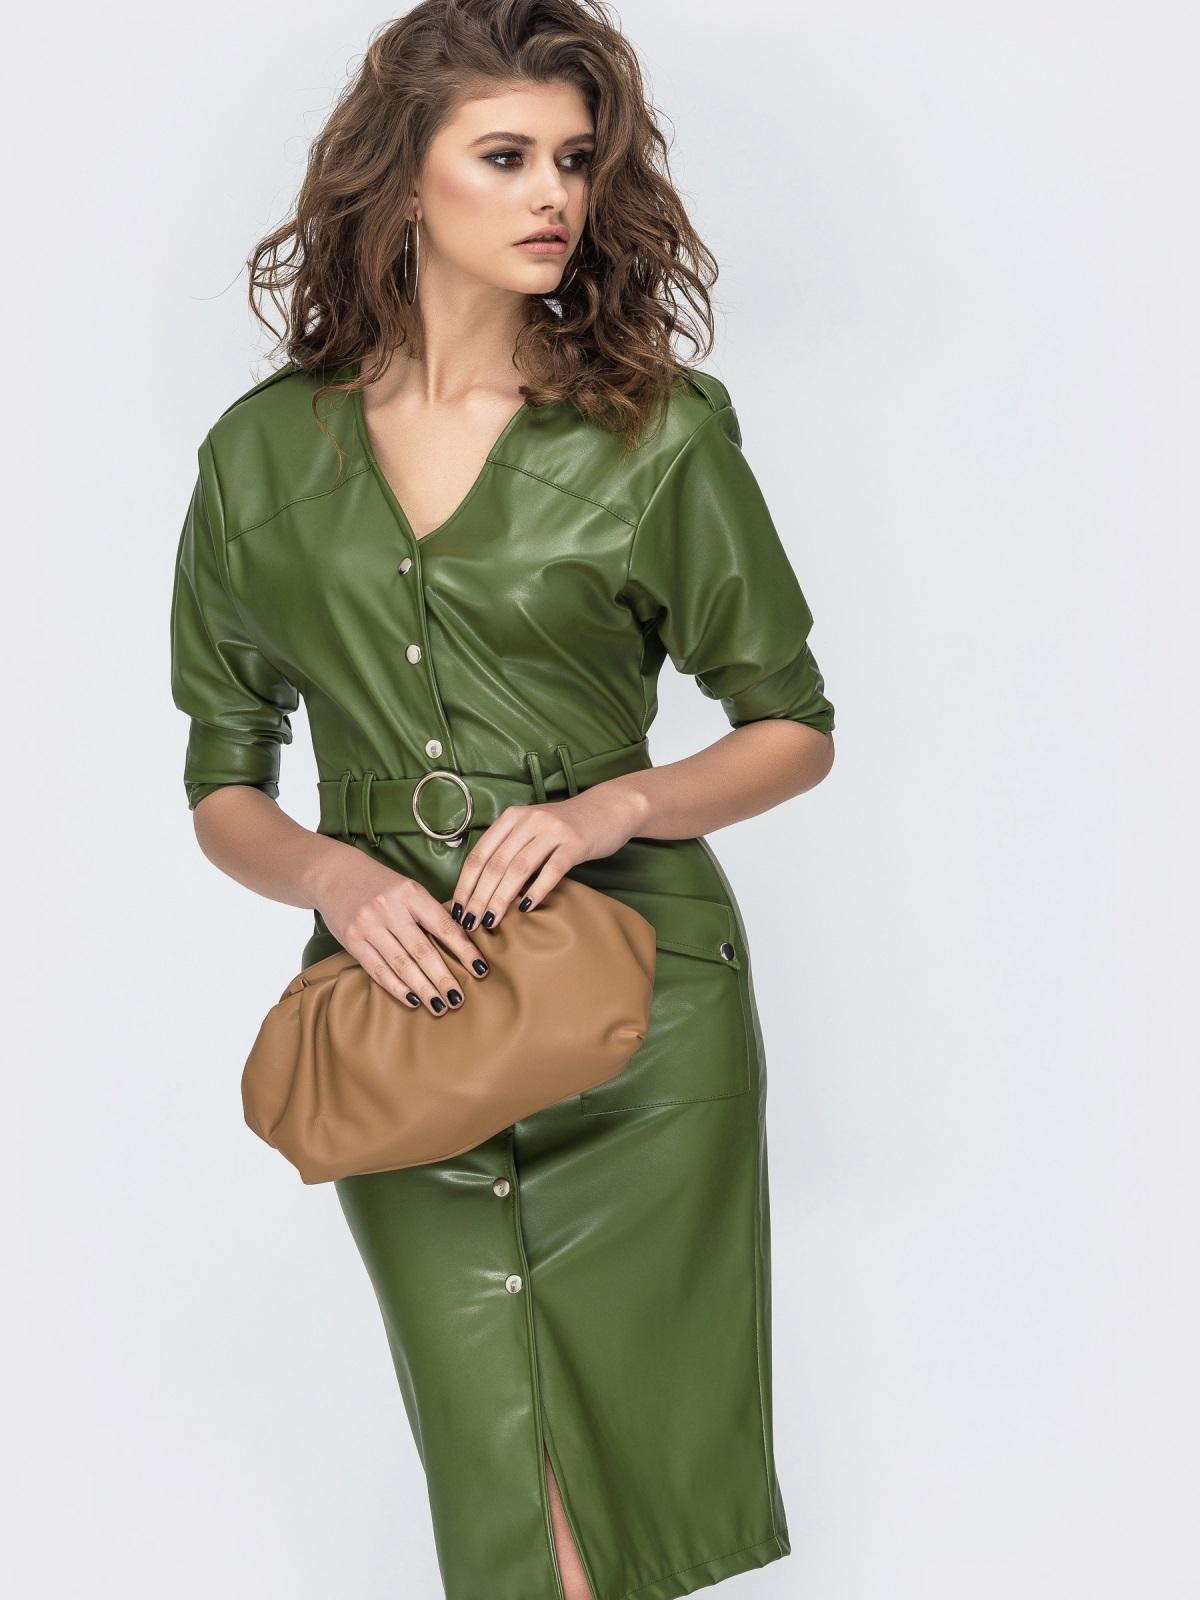 Платье из эко-кожи с накладными карманами цвета хаки 44952, фото 1